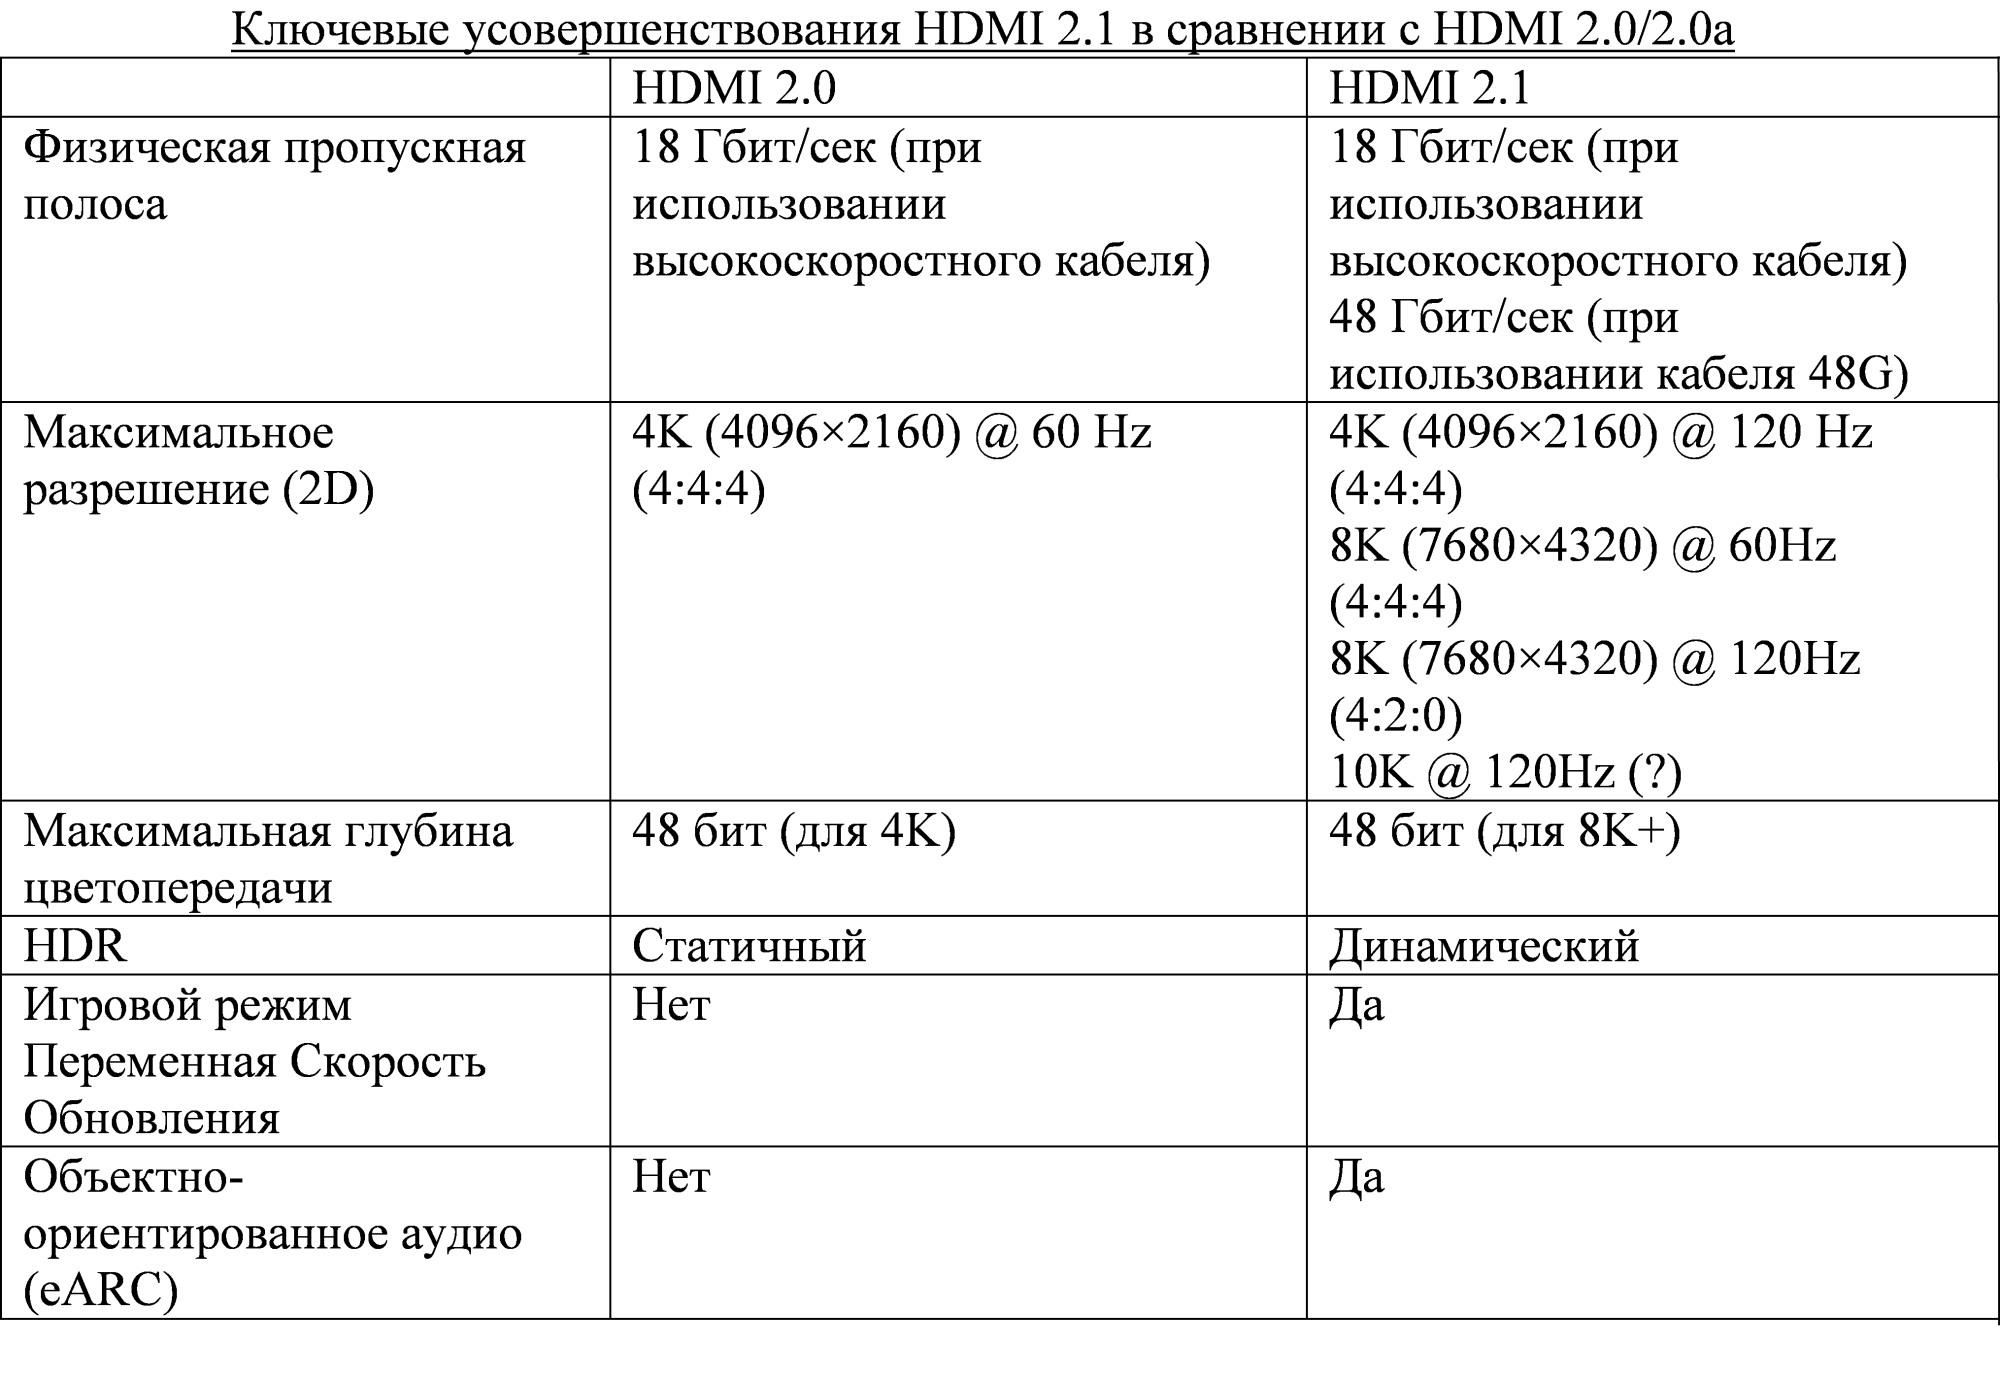 hdmi-21